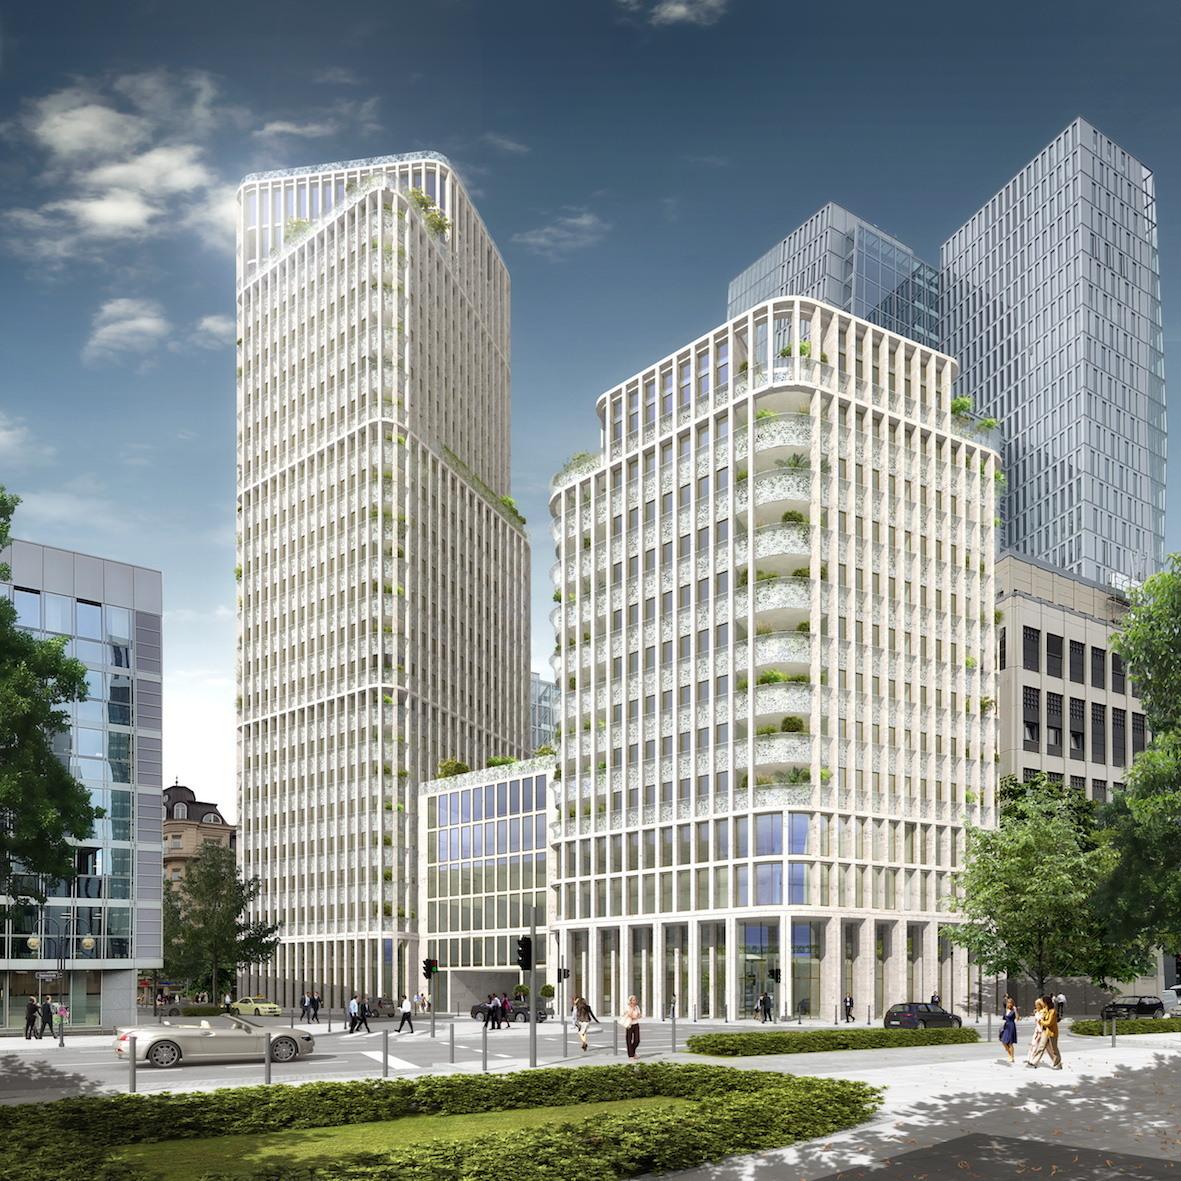 Hochhauswelten frankfurt wohnt rme drei schwestern - Architekturburo frankfurt ...